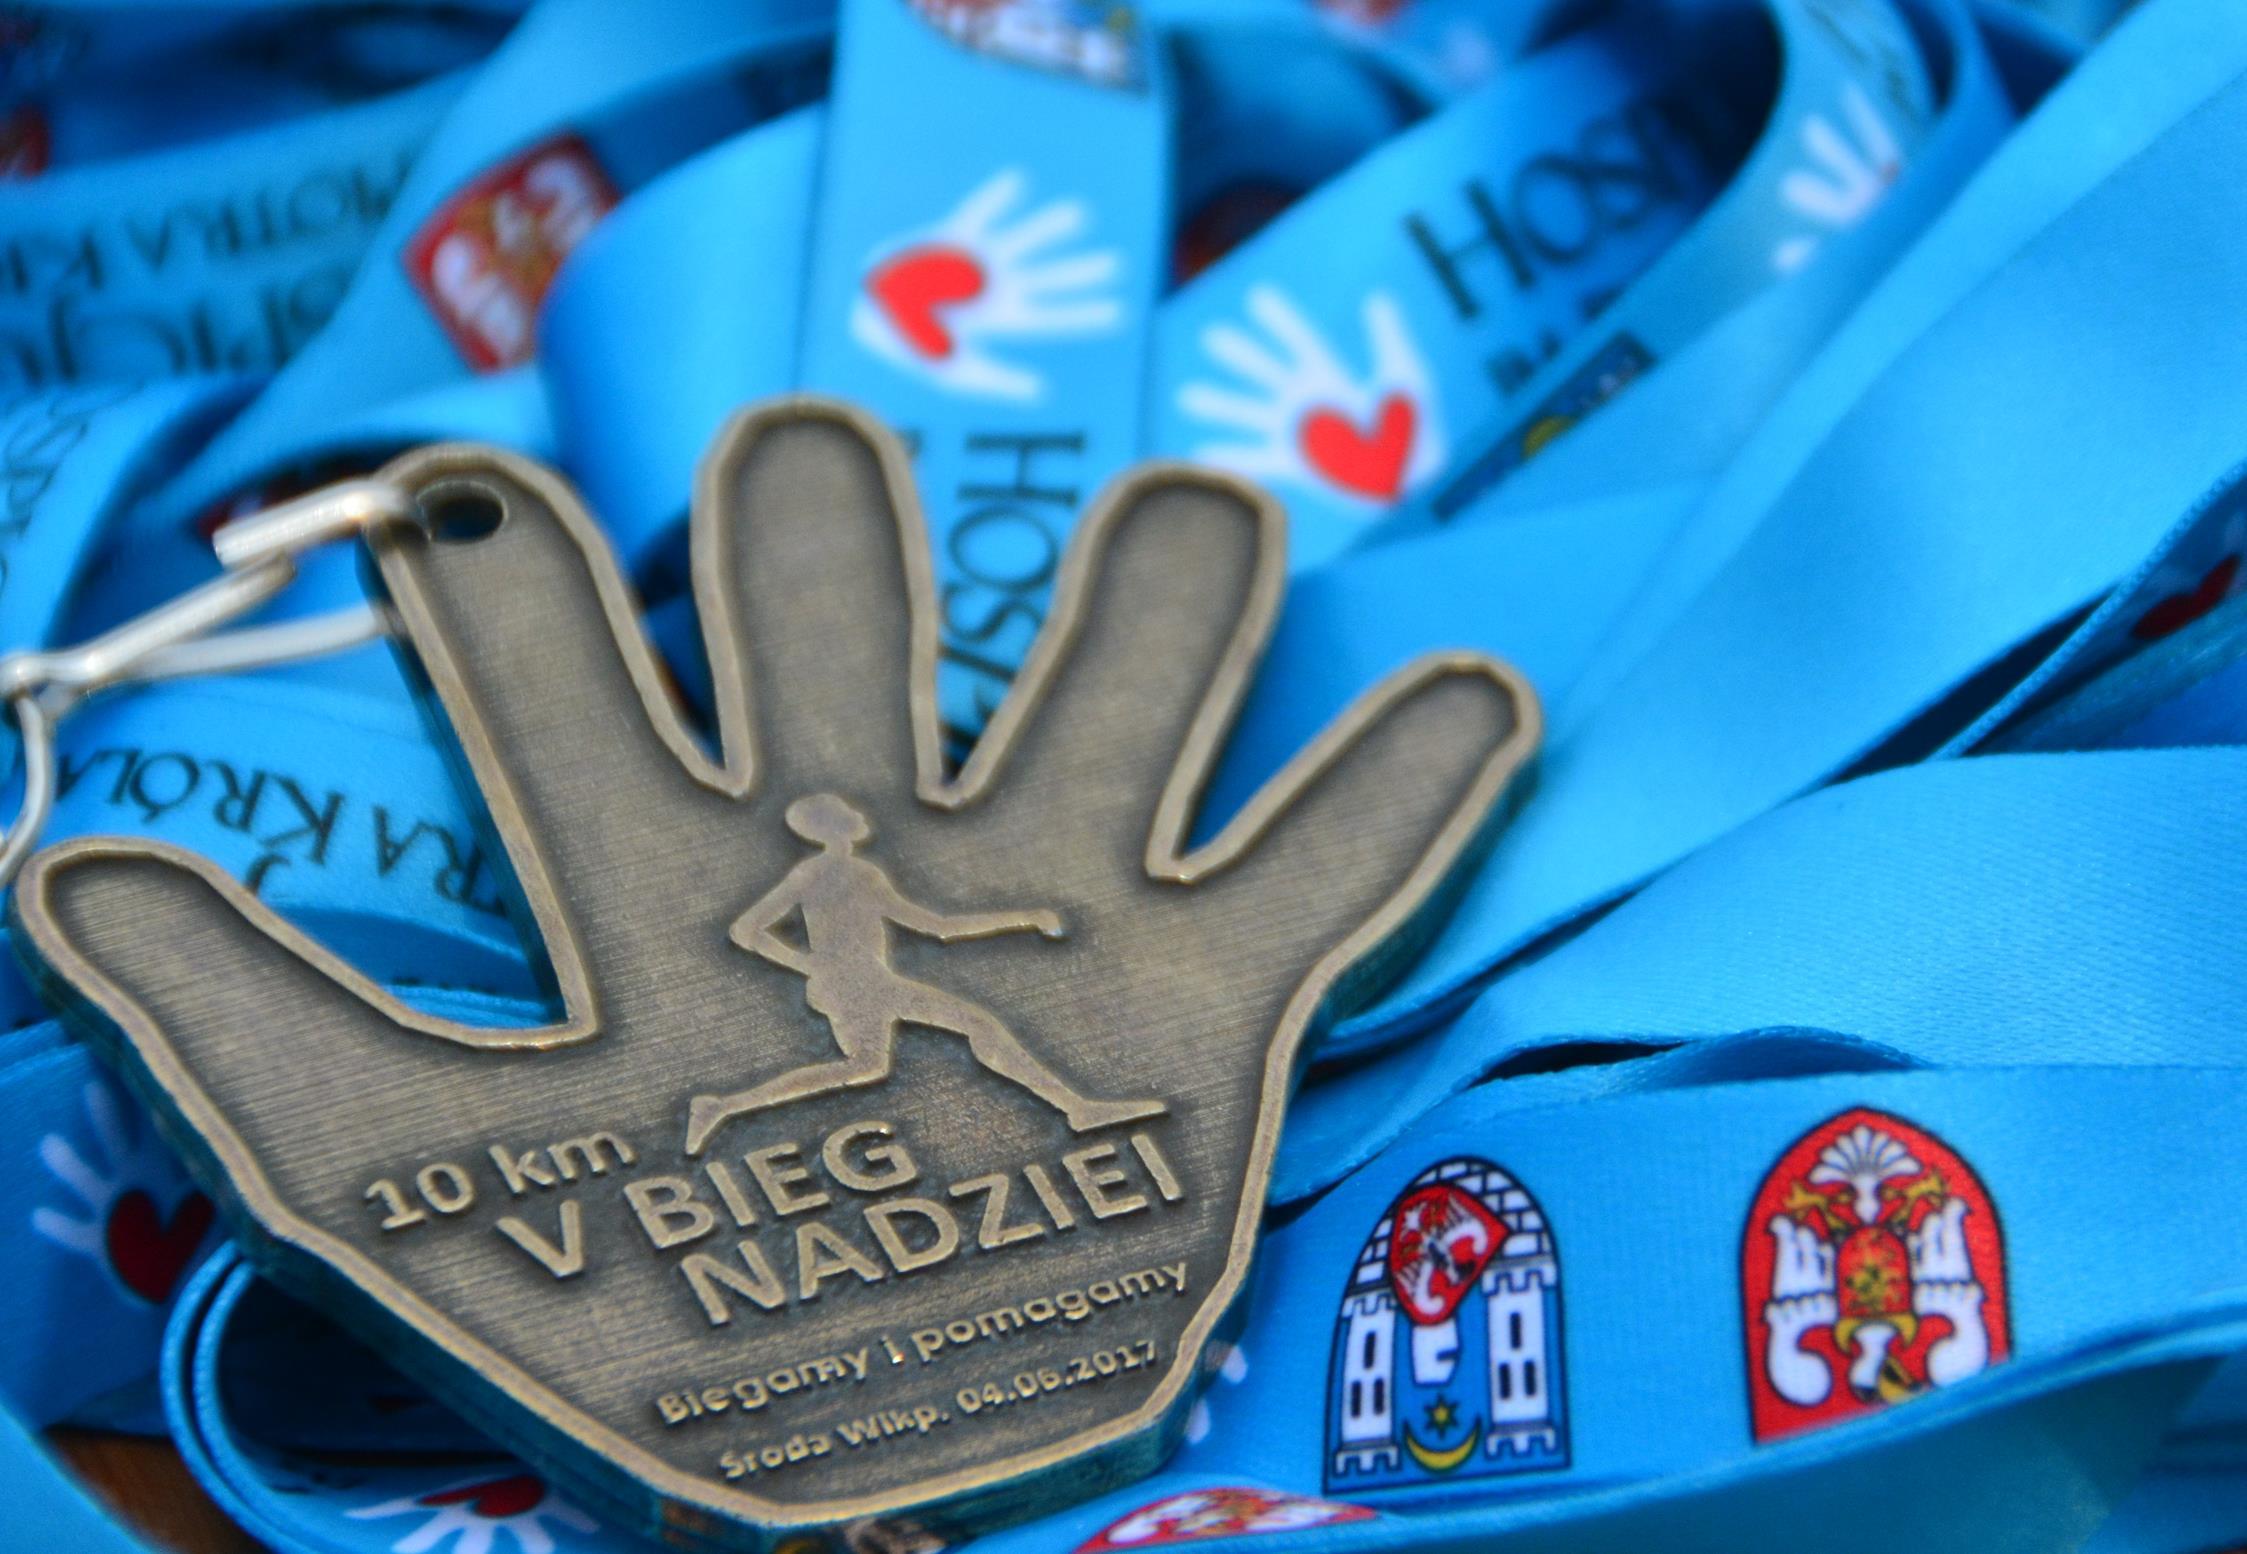 Medal V Biegu Nadziei